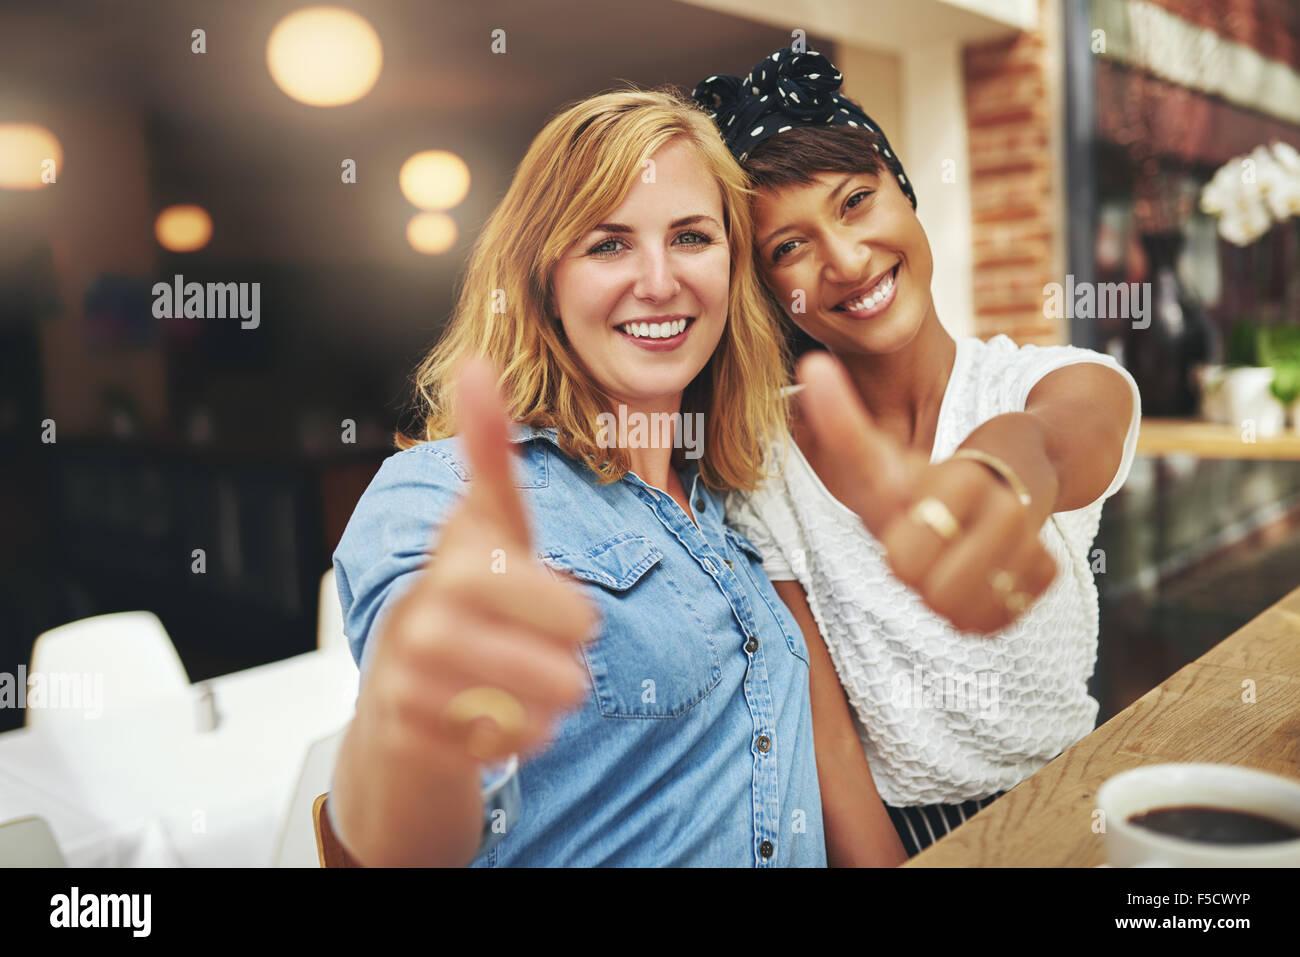 Dos amigas jóvenes felices dando un Thumbs up gesto de aprobación y éxito como del brazo están Imagen De Stock